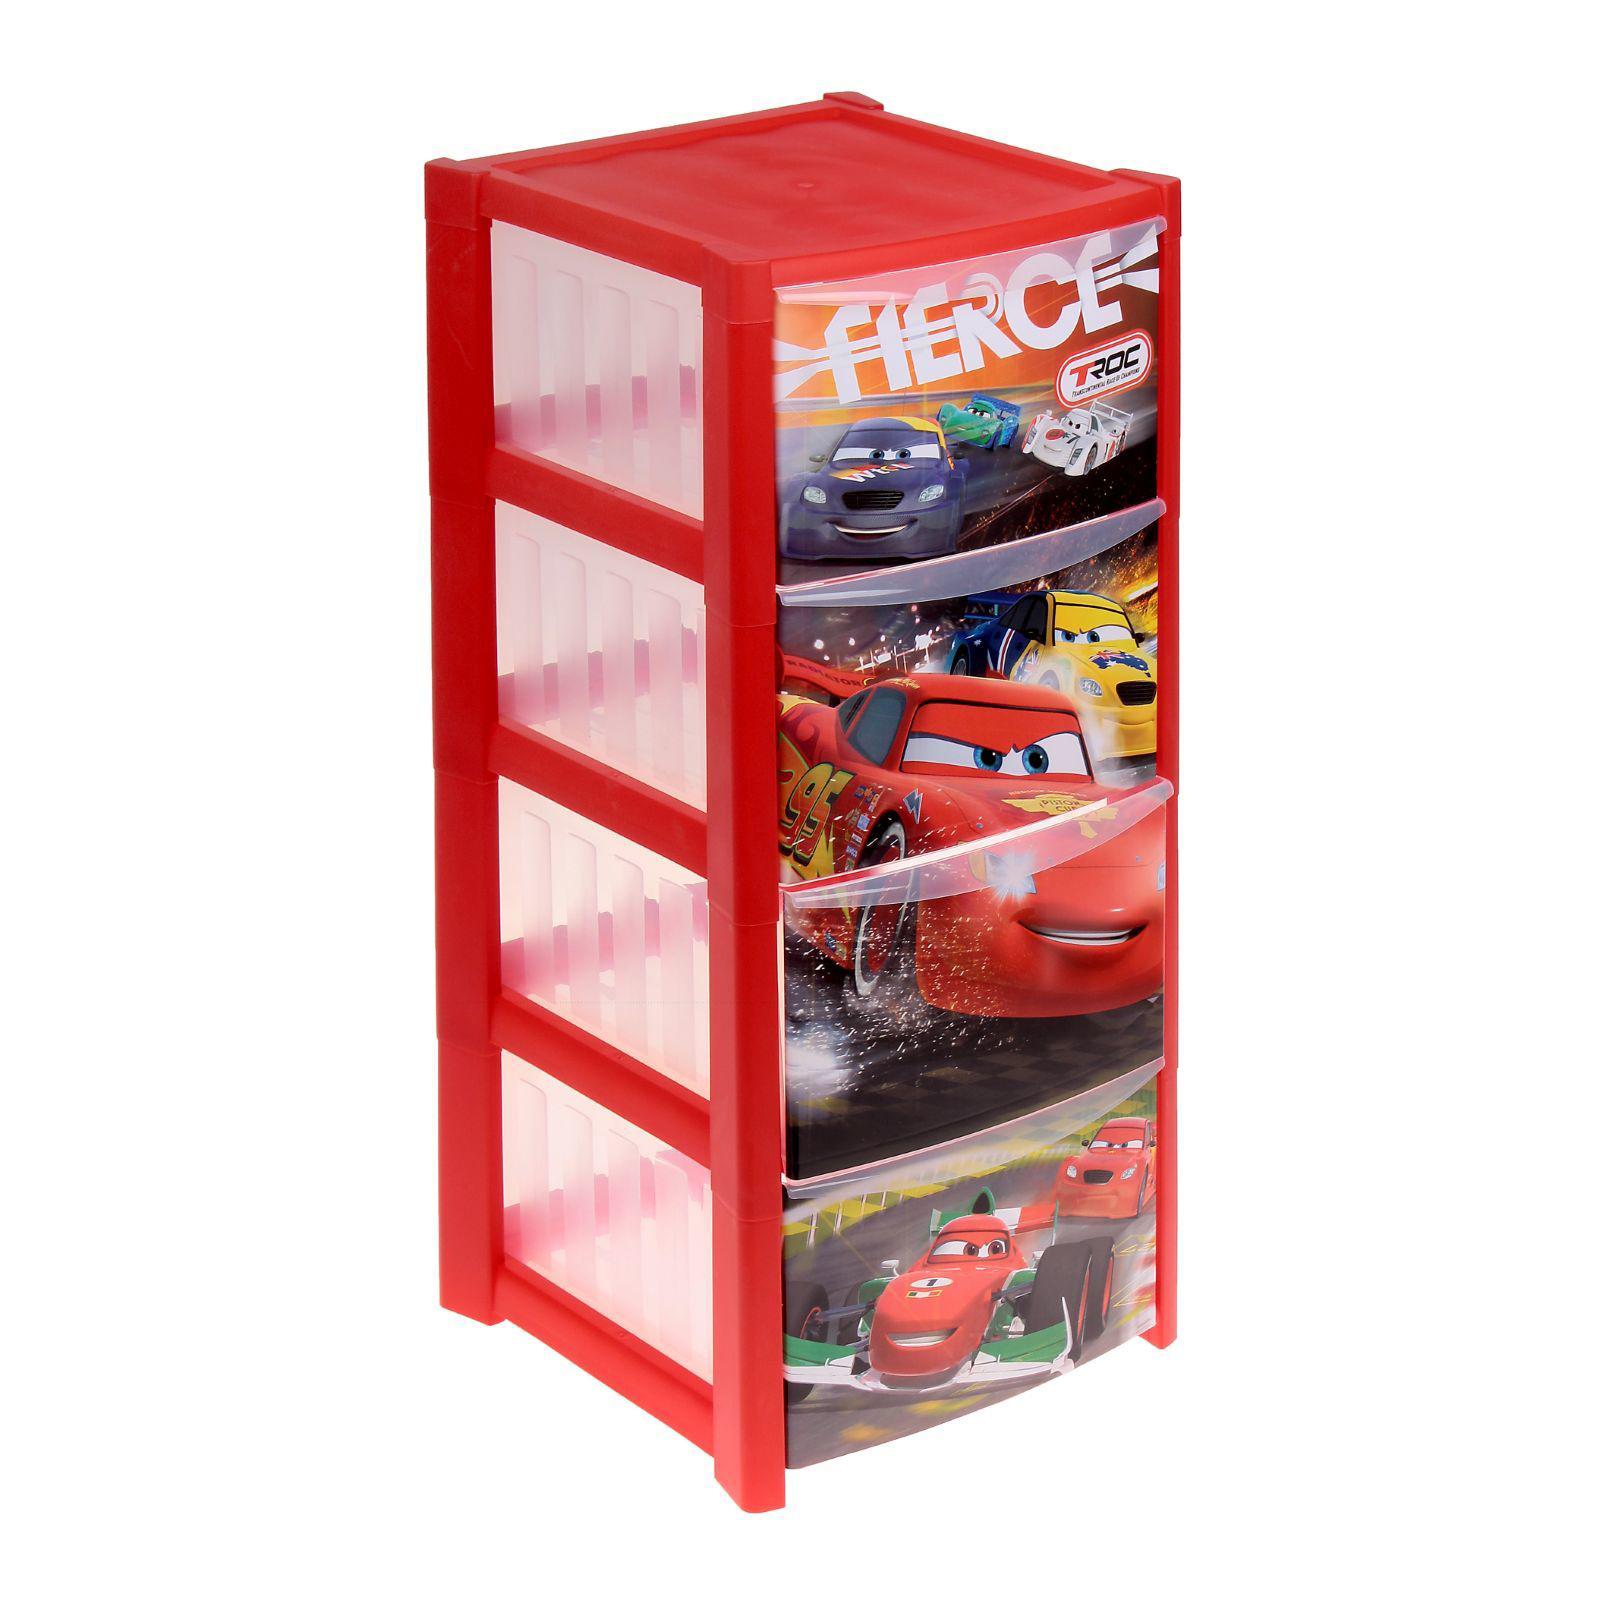 Комод Disney 4 секции, красныйКорзины для игрушек<br>Комод Disney 4 секции, красный<br>